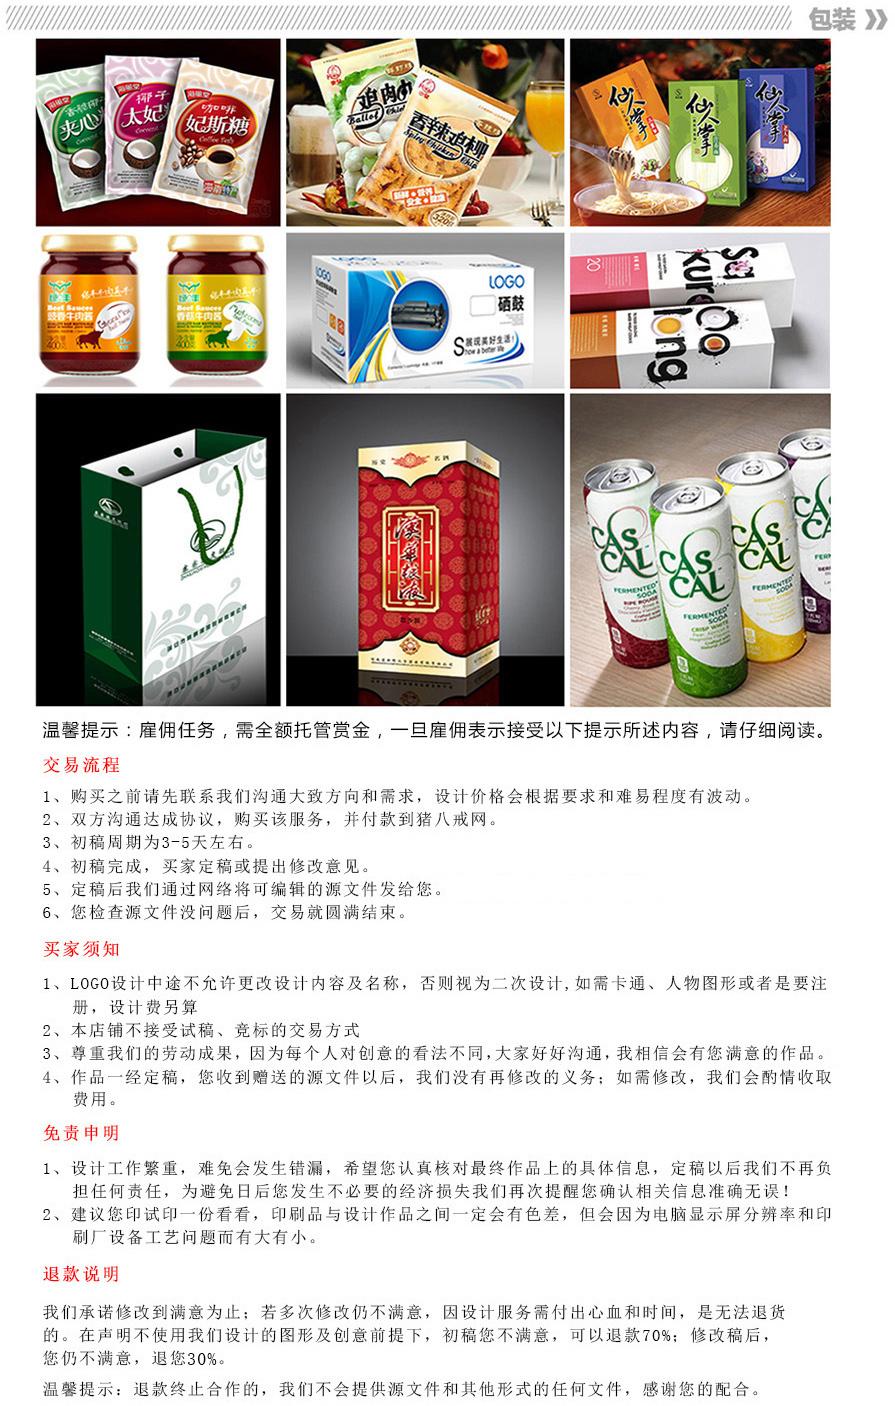 包装设计_食品/农产品包装/瓶贴/纸袋/展开图设计/系列包装盒设计13